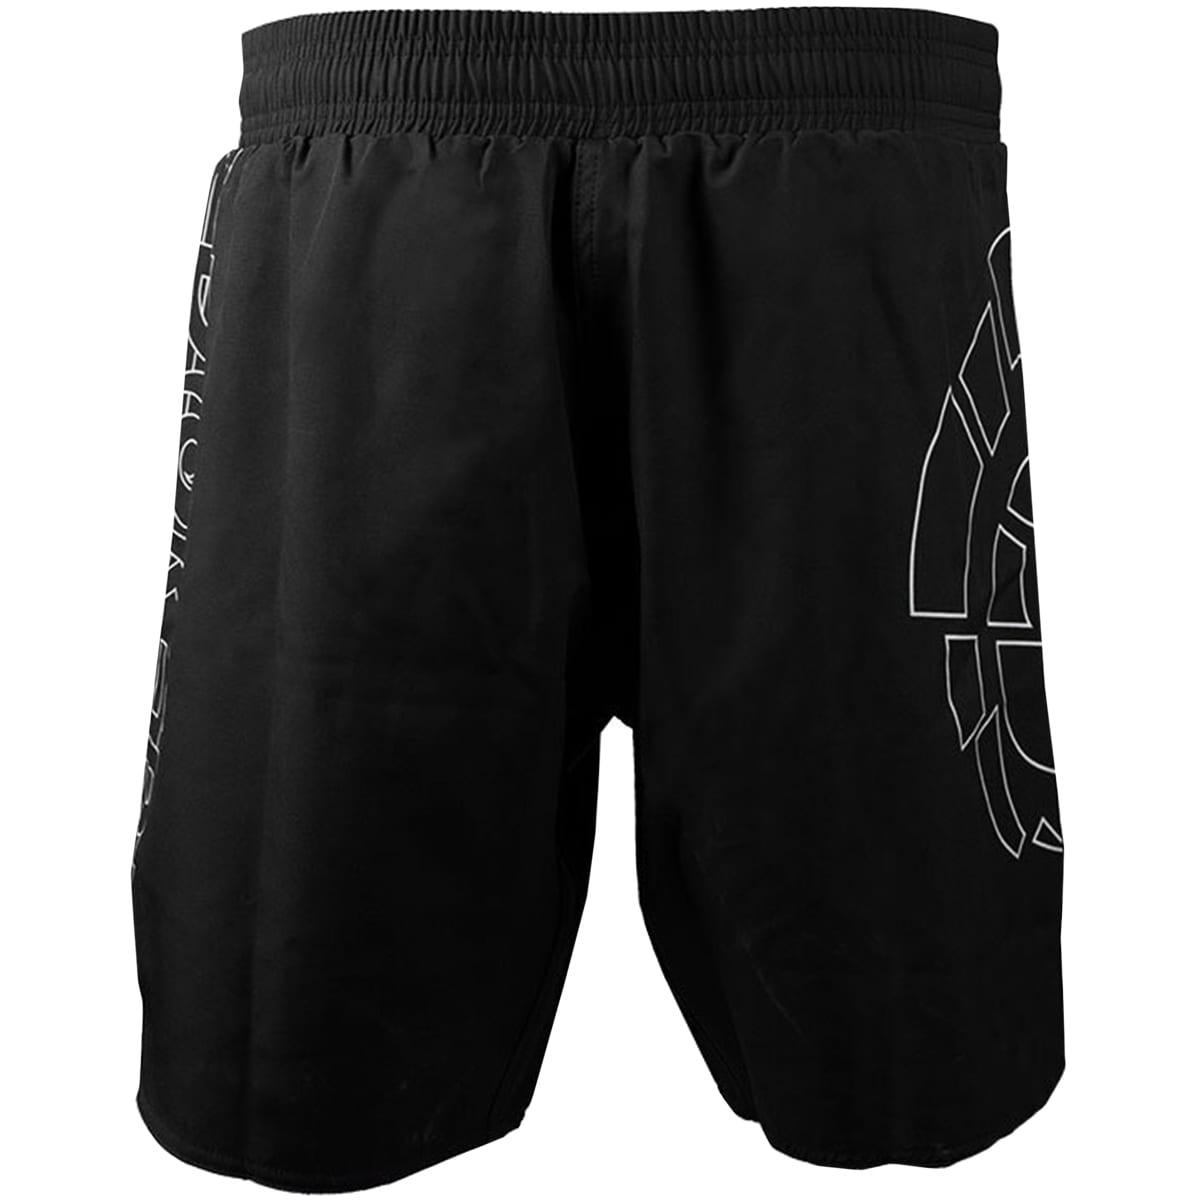 Dokebi Combat Ready BJJ Fight Shorts Black